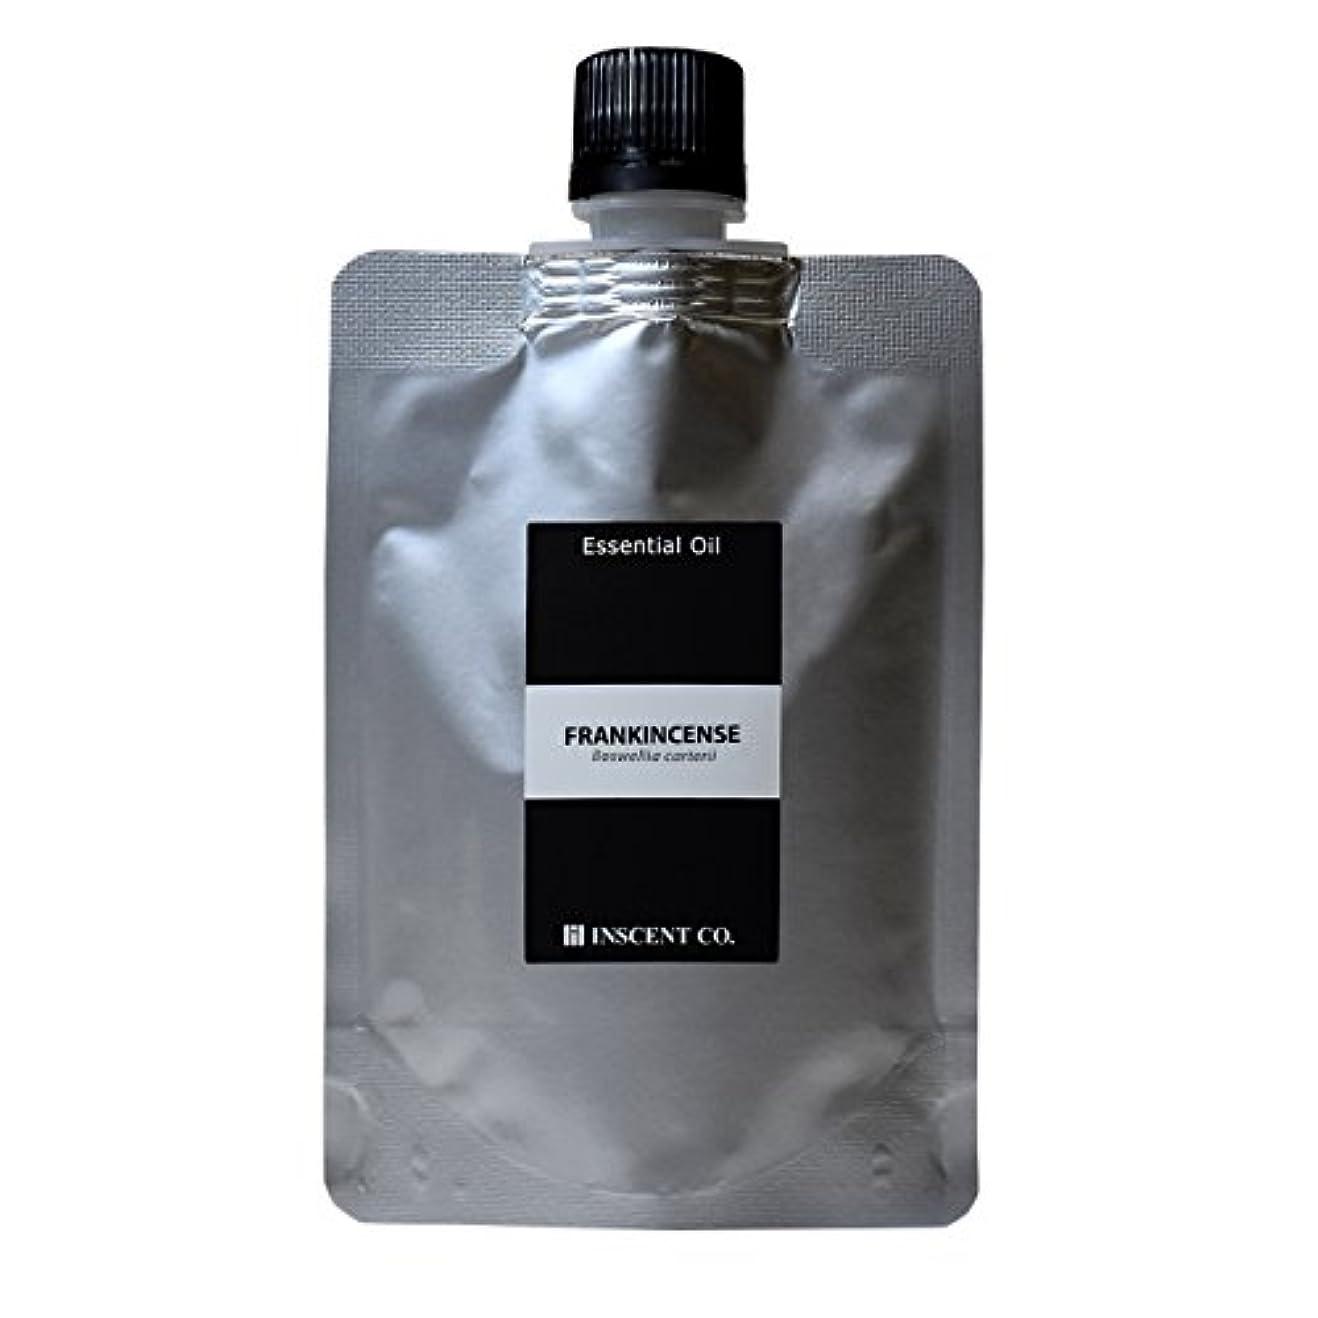 効果的テナントそれから(詰替用 アルミパック) フランキンセンス (オリバナム/乳香) 100ml インセント アロマオイル AEAJ 表示基準適合認定精油